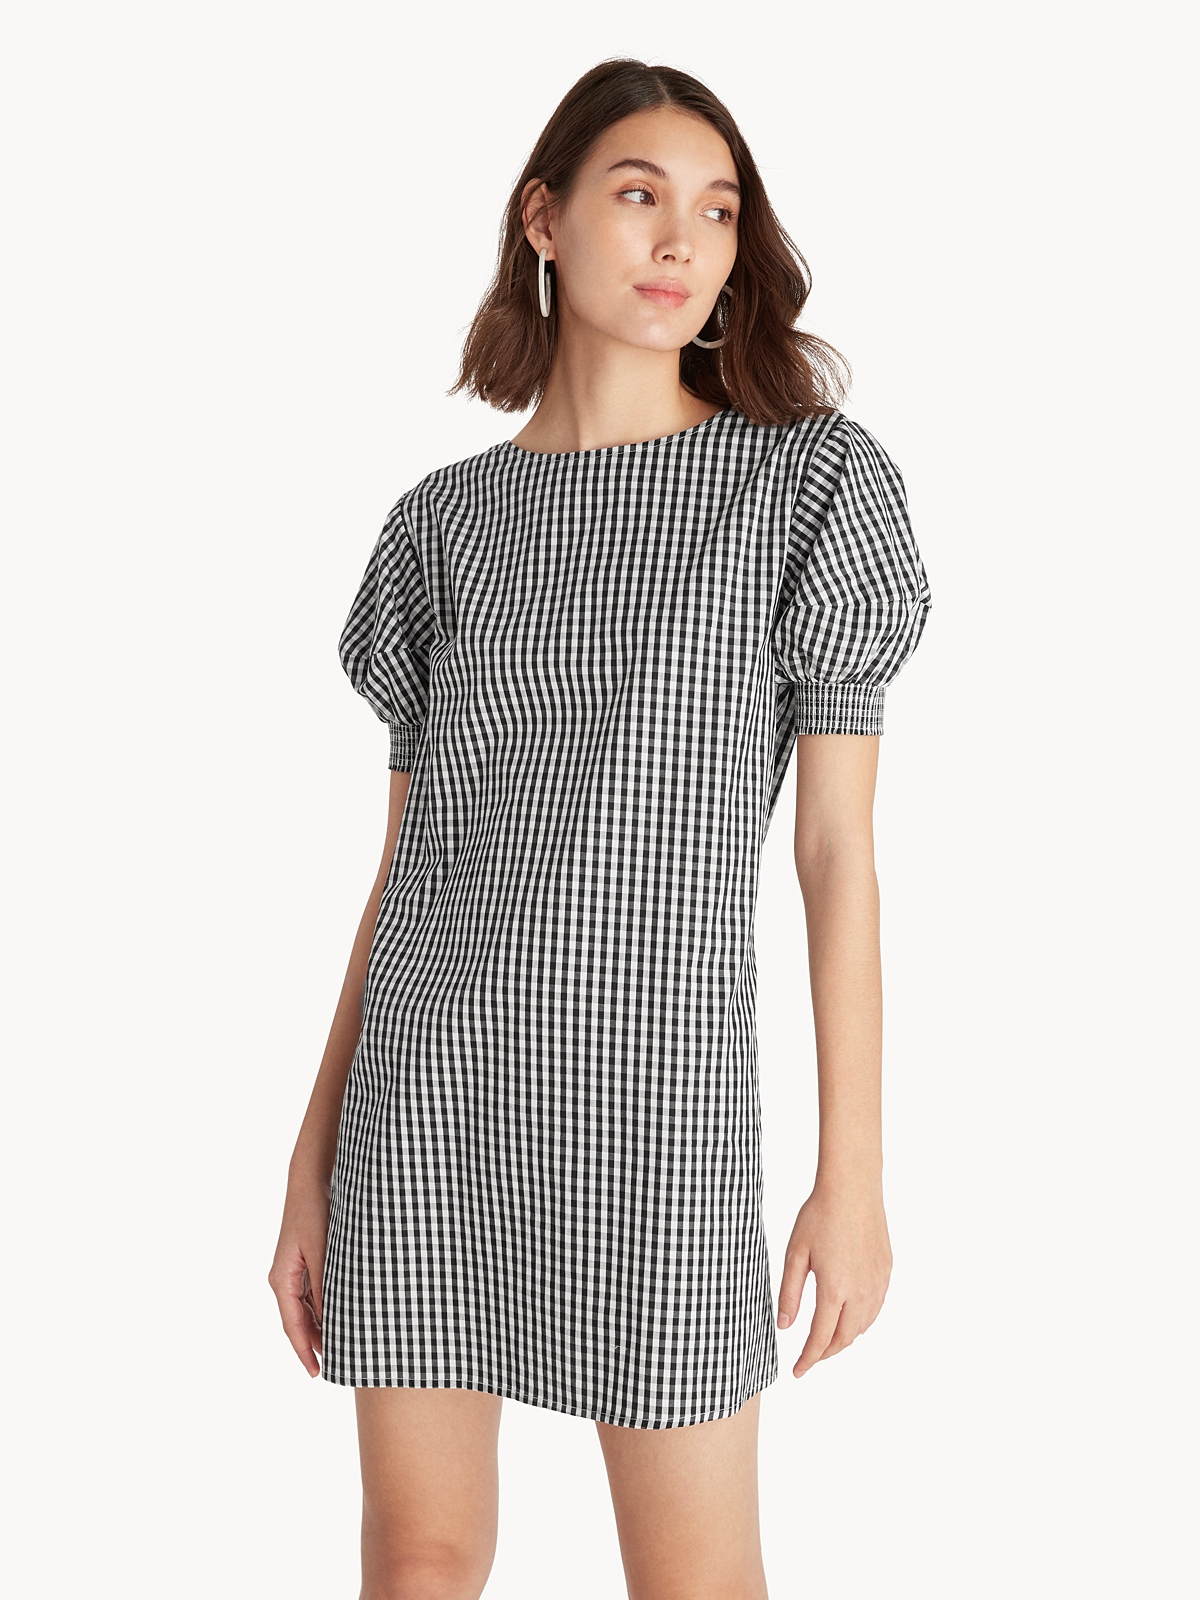 2cb0e109b Dresses - Pomelo Fashion